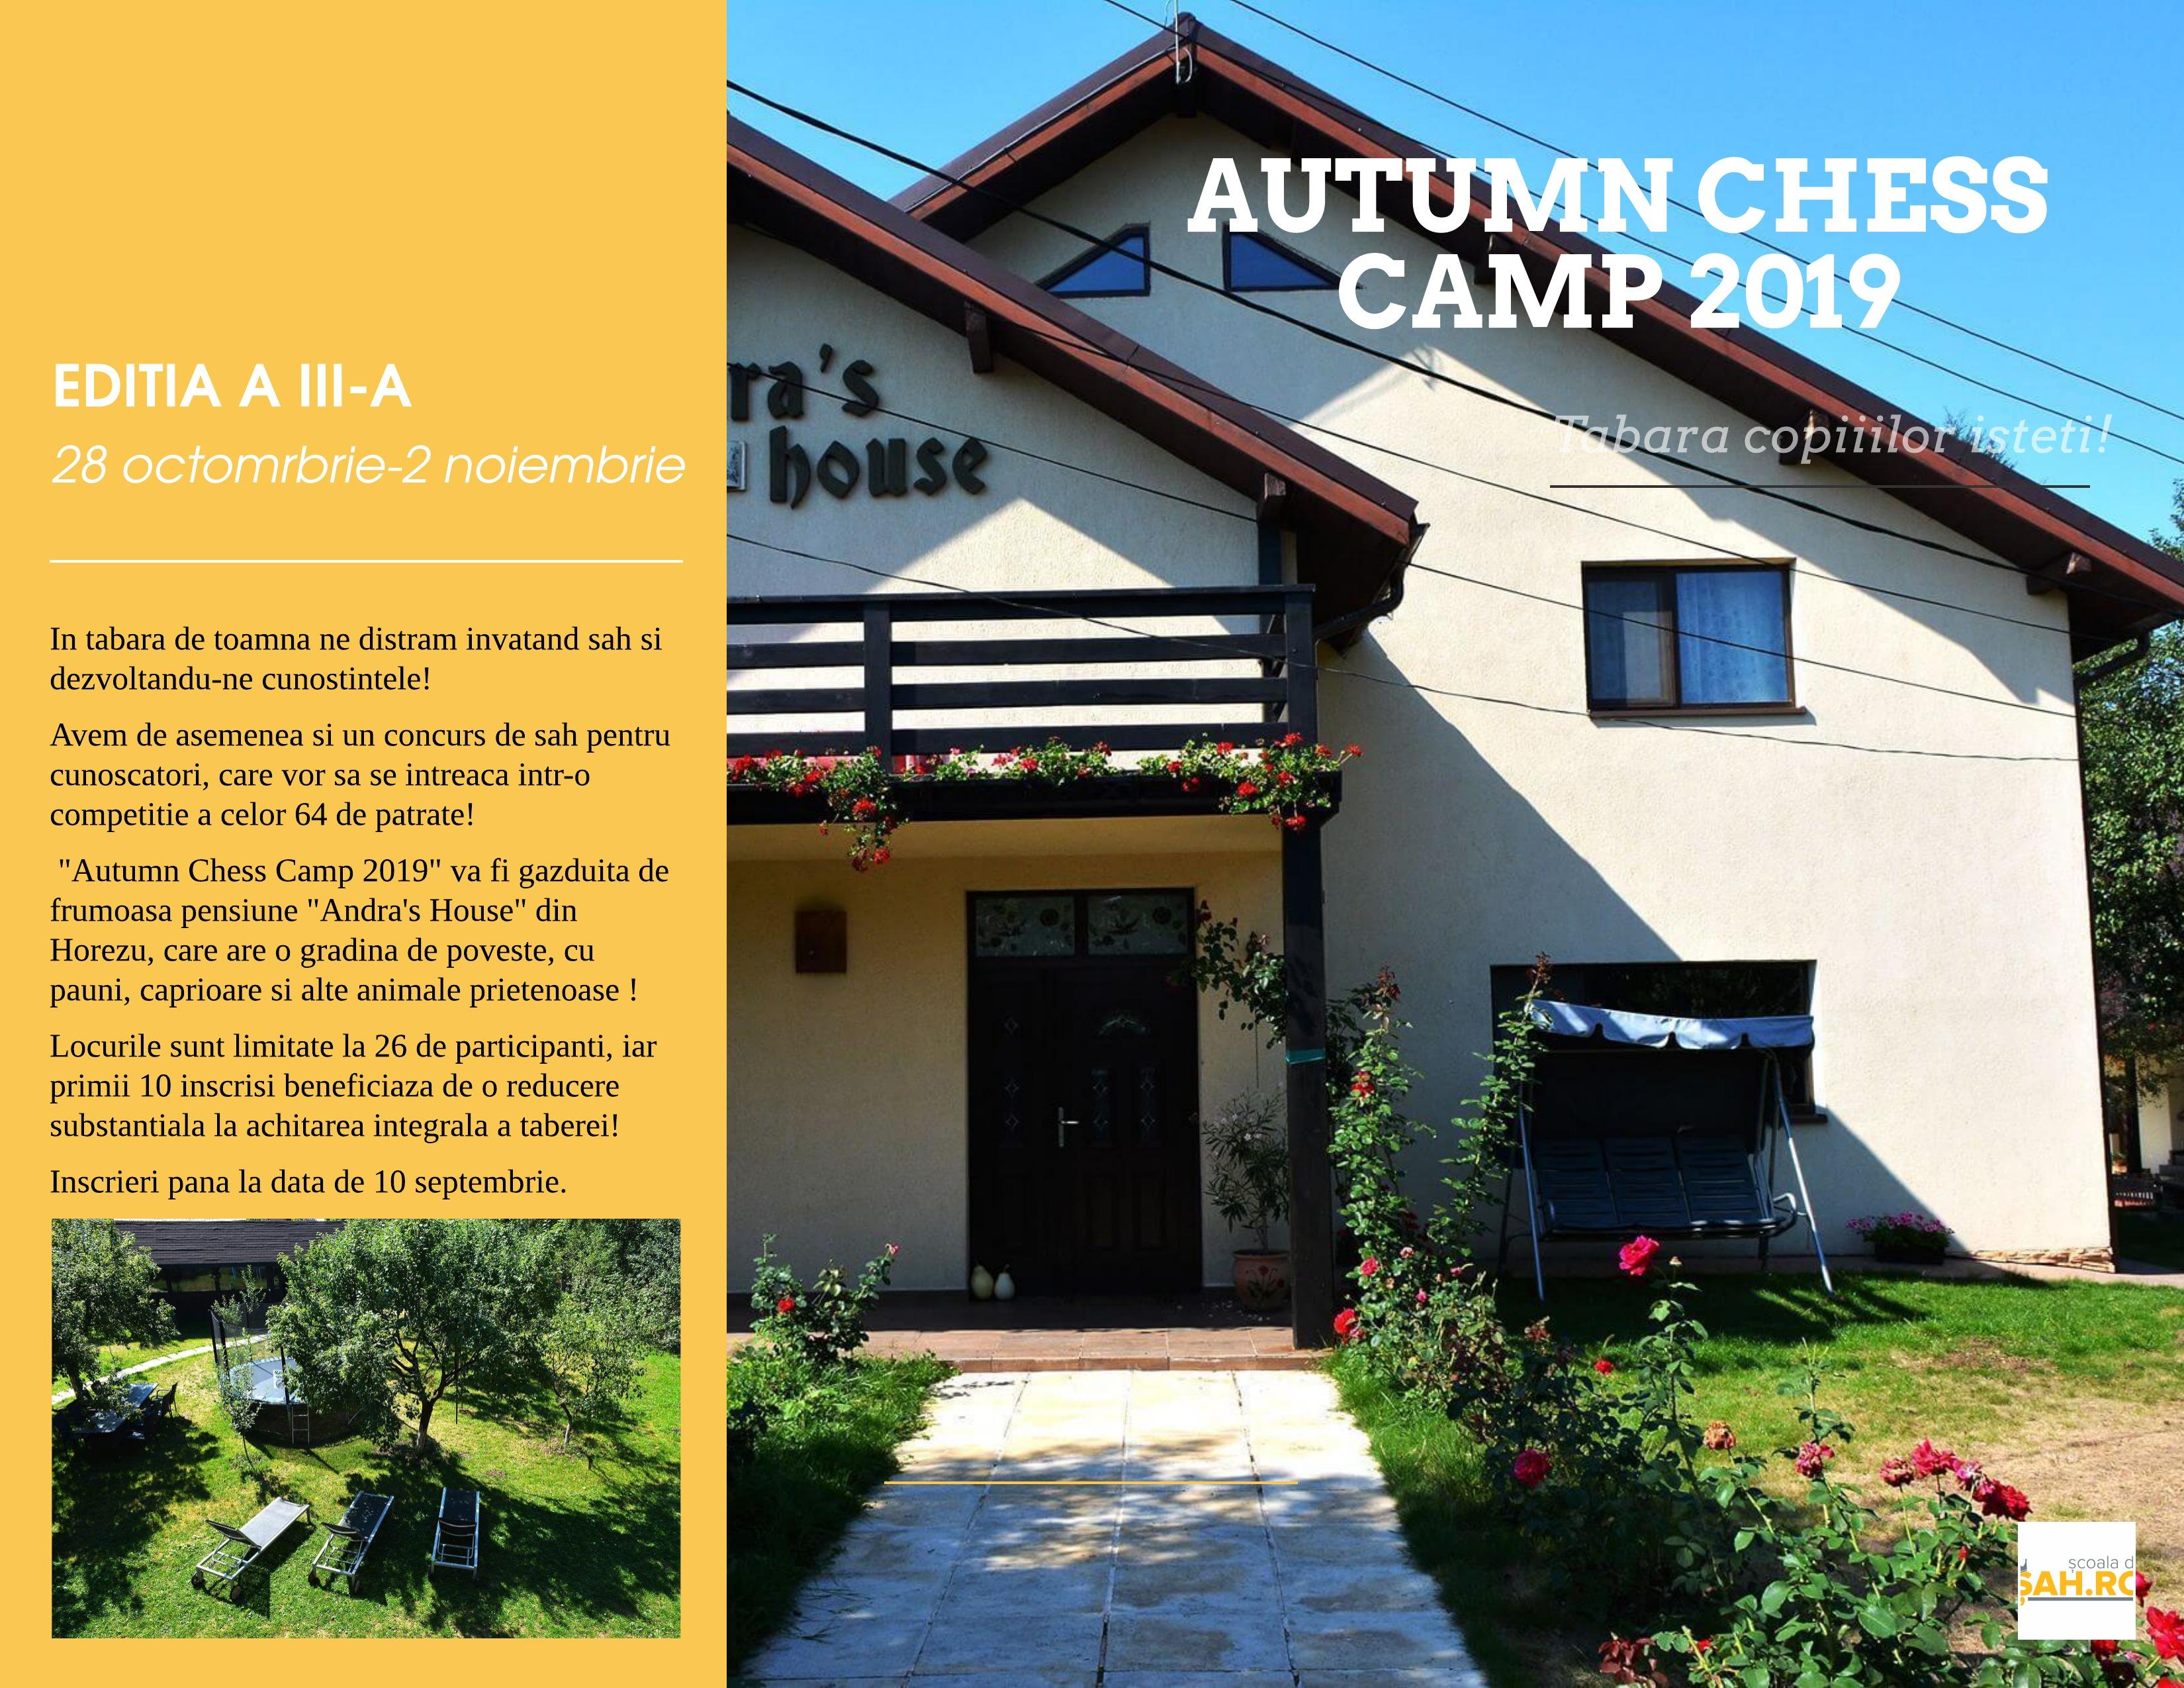 Autum Chess Camp 3